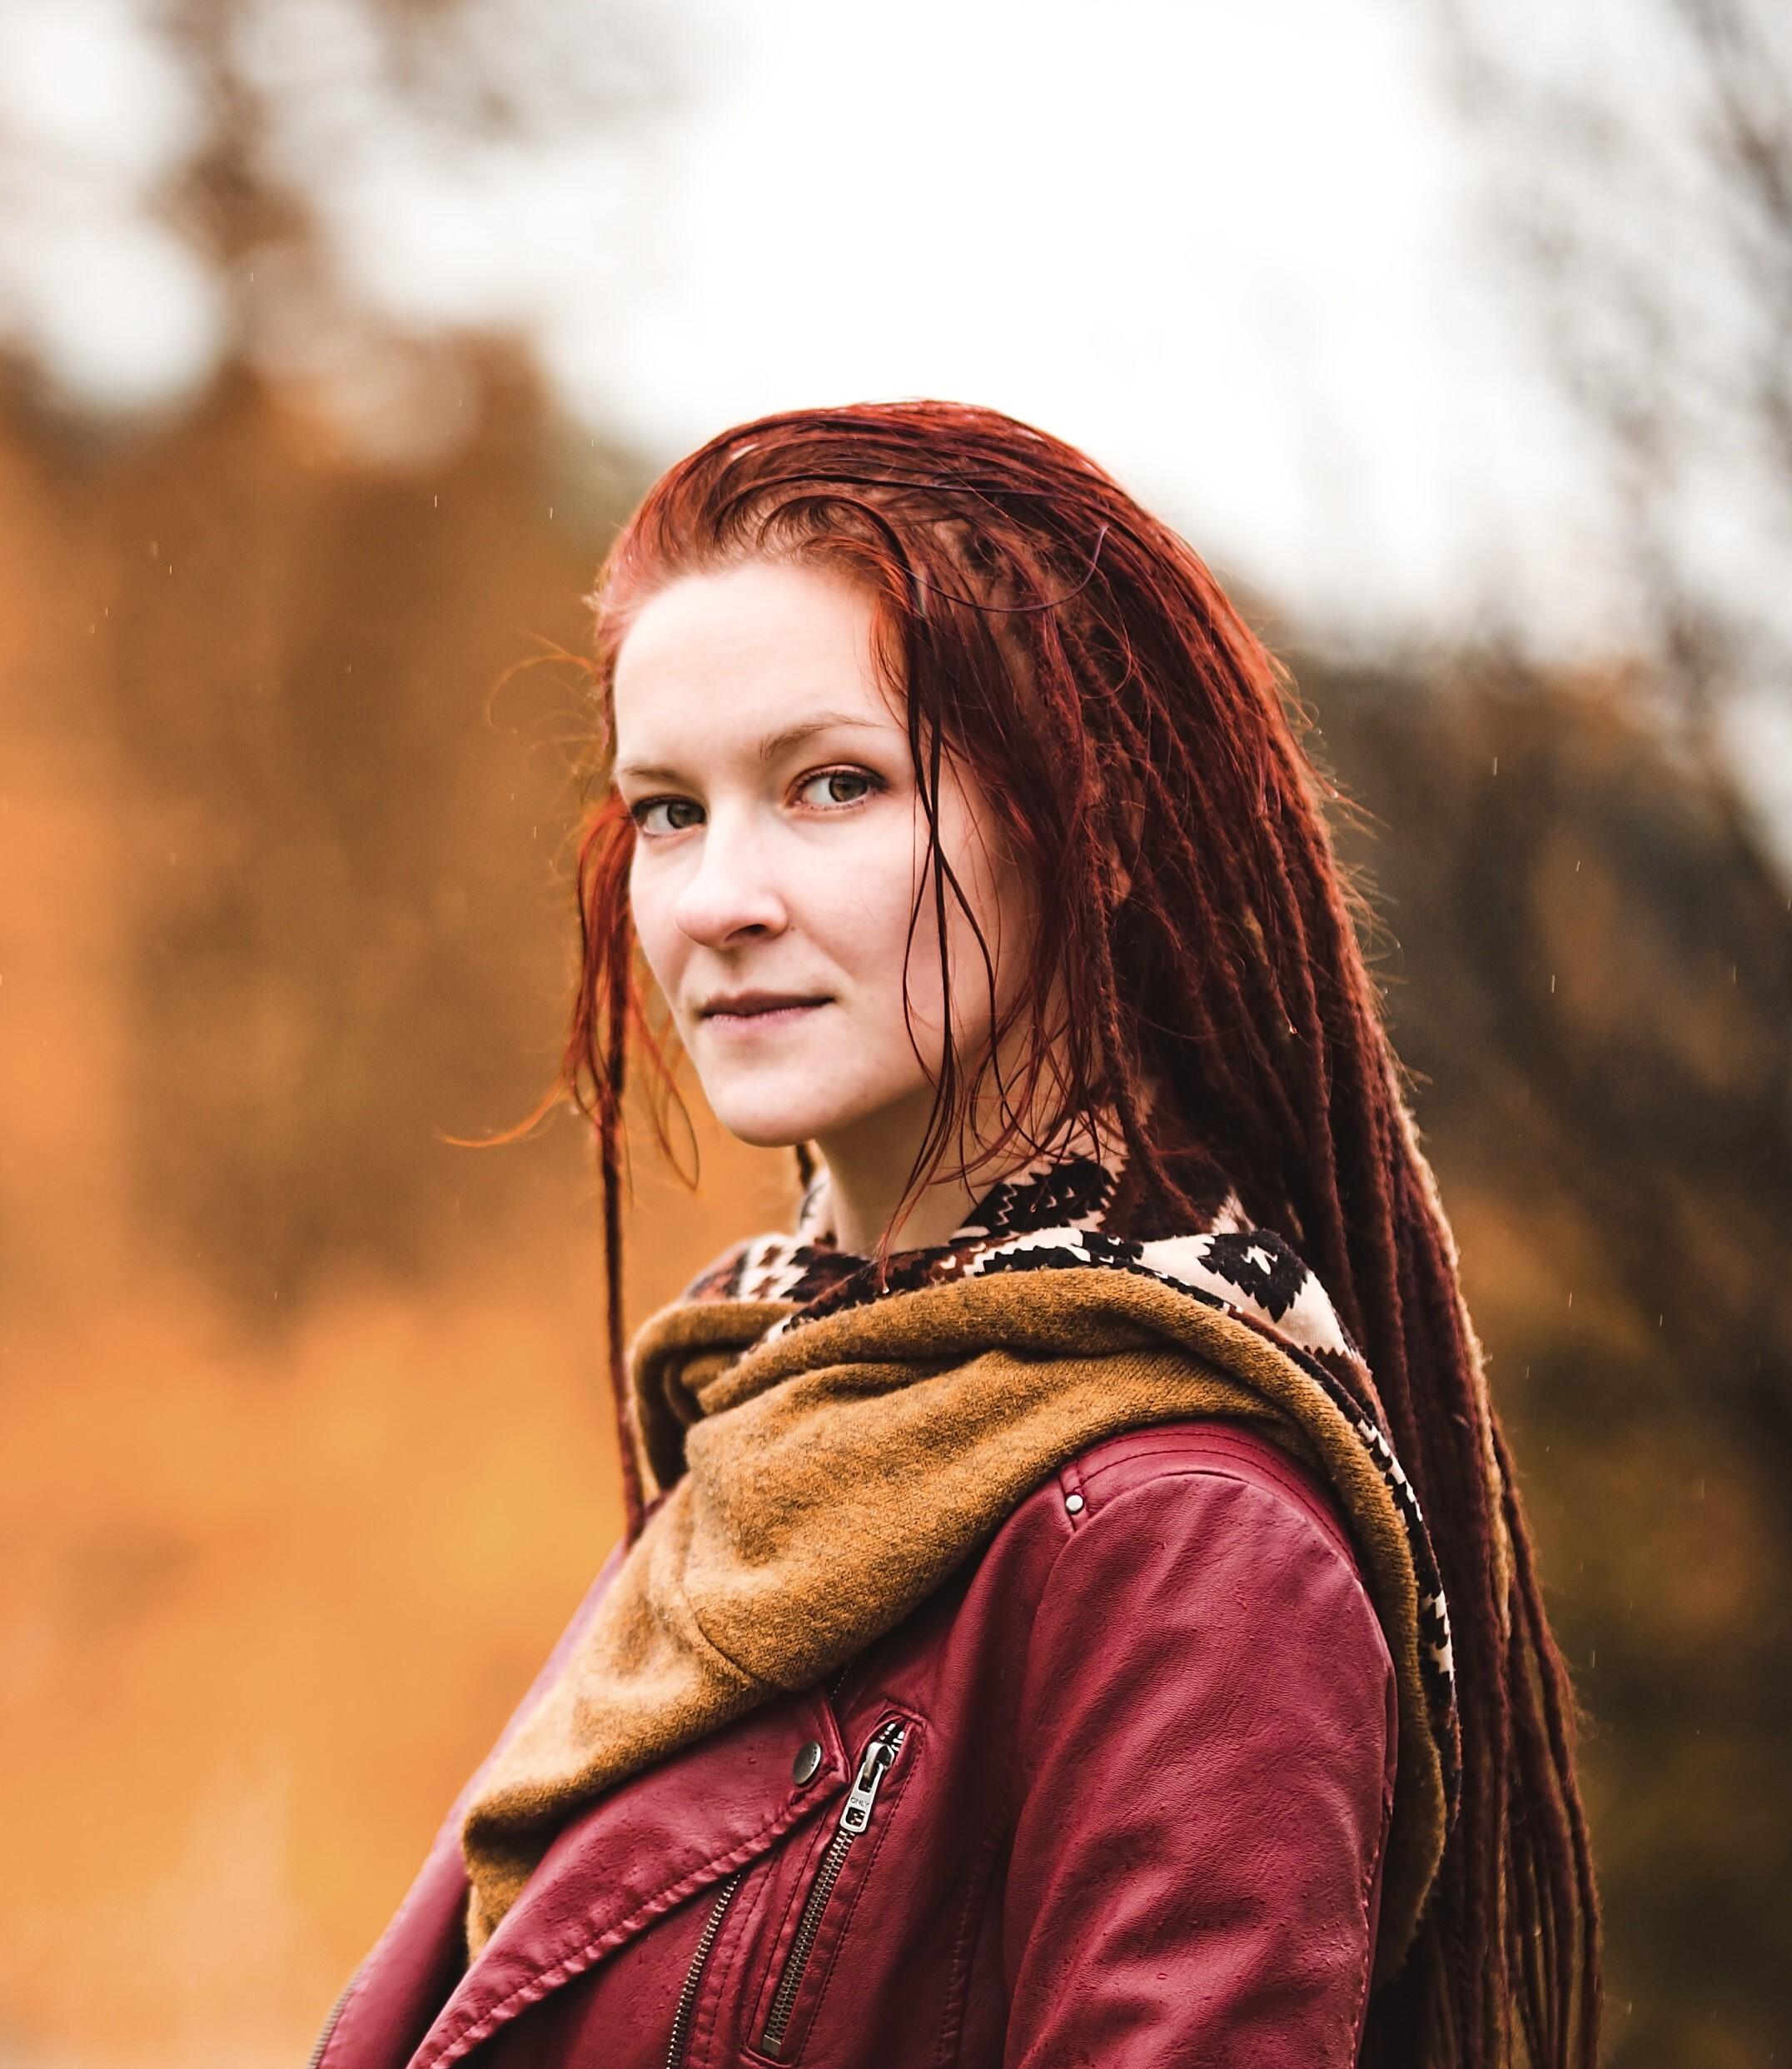 Tereza Vobecká